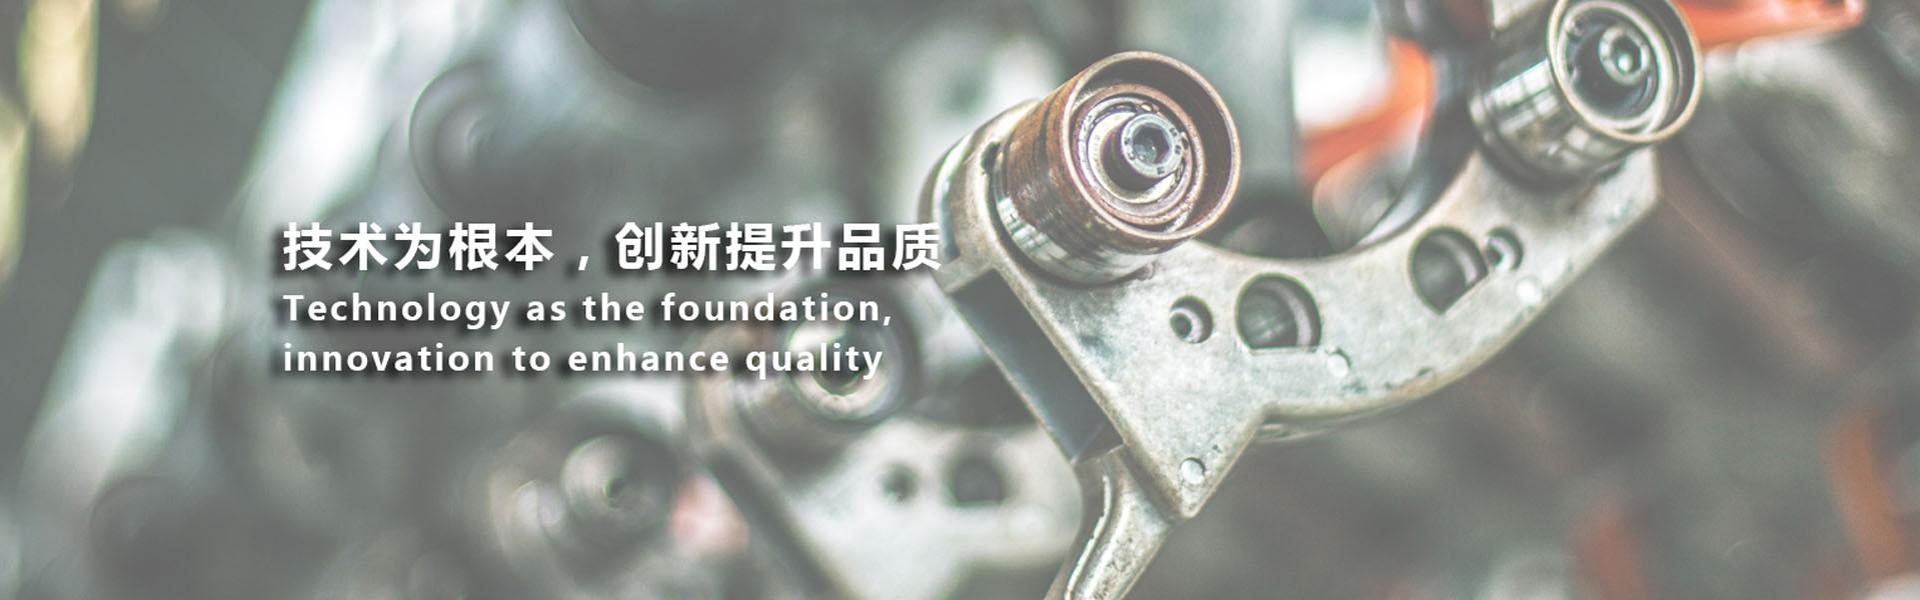 杨浦卧式加工中心销售及维修